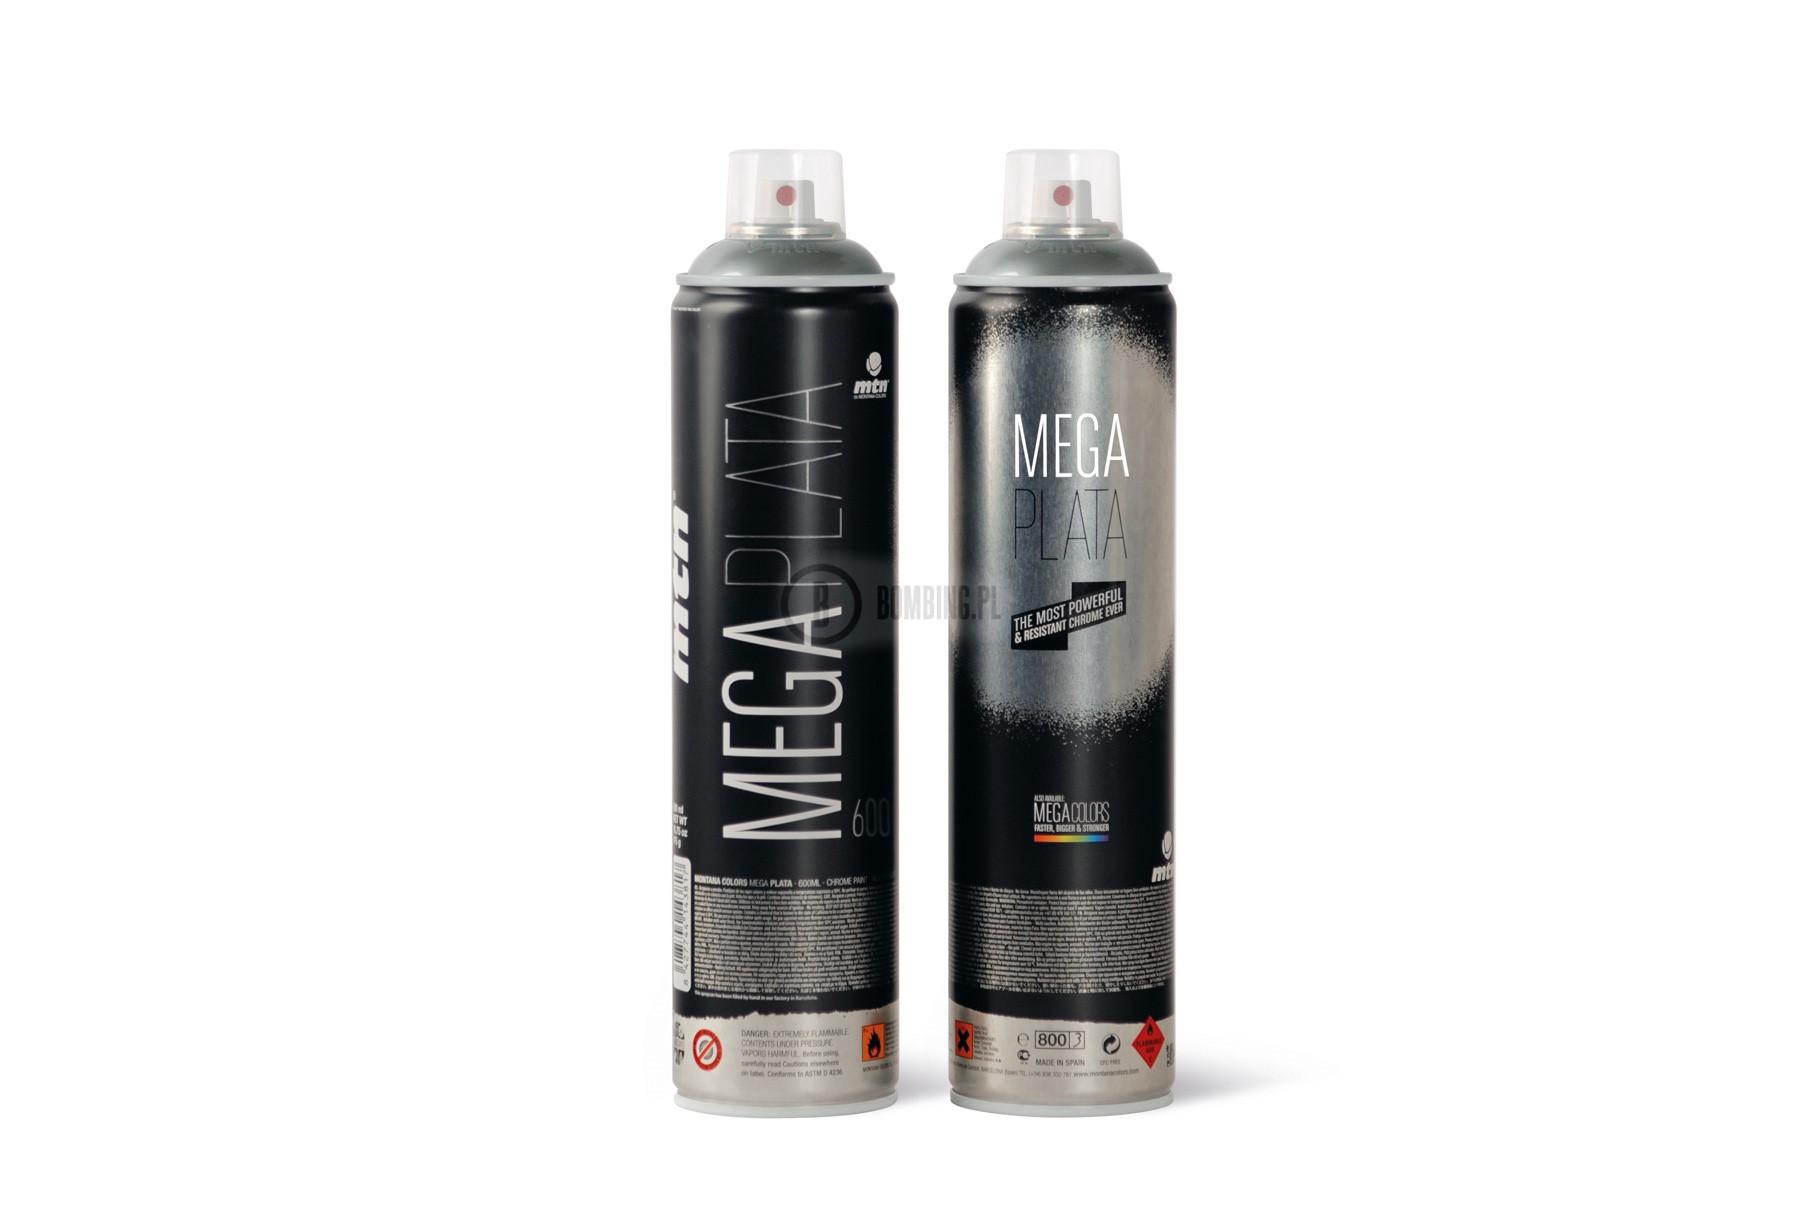 MEGA PLATA 600ml